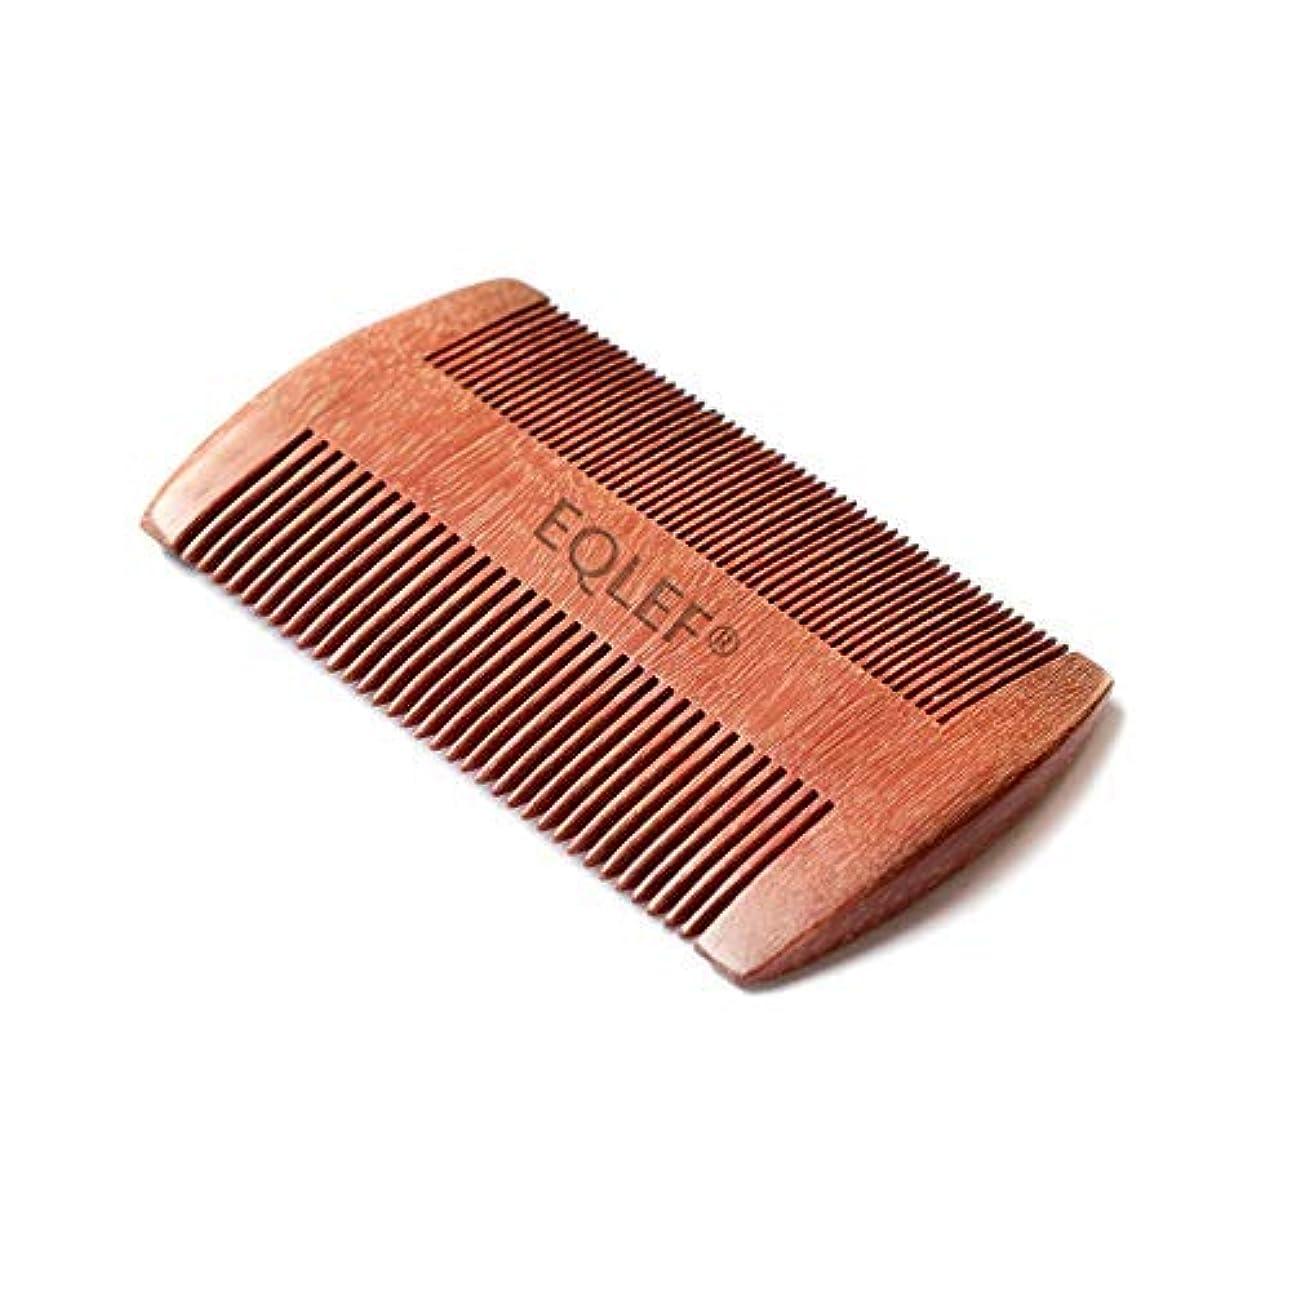 通信網財布局EQLEF? Red sandalwood no static handmade comb, Pocket comb (beard) [並行輸入品]